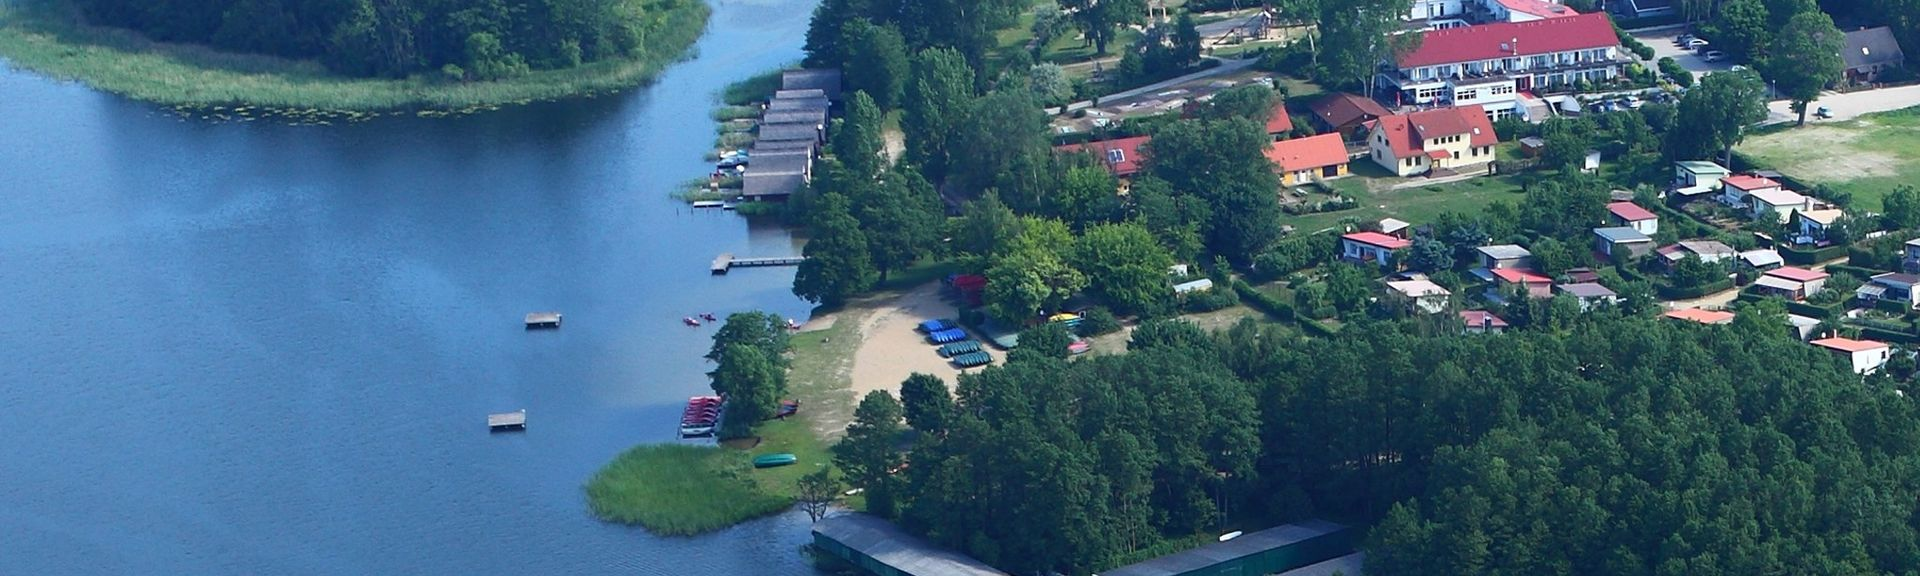 Mecklenburgische Seenplatte, Germany